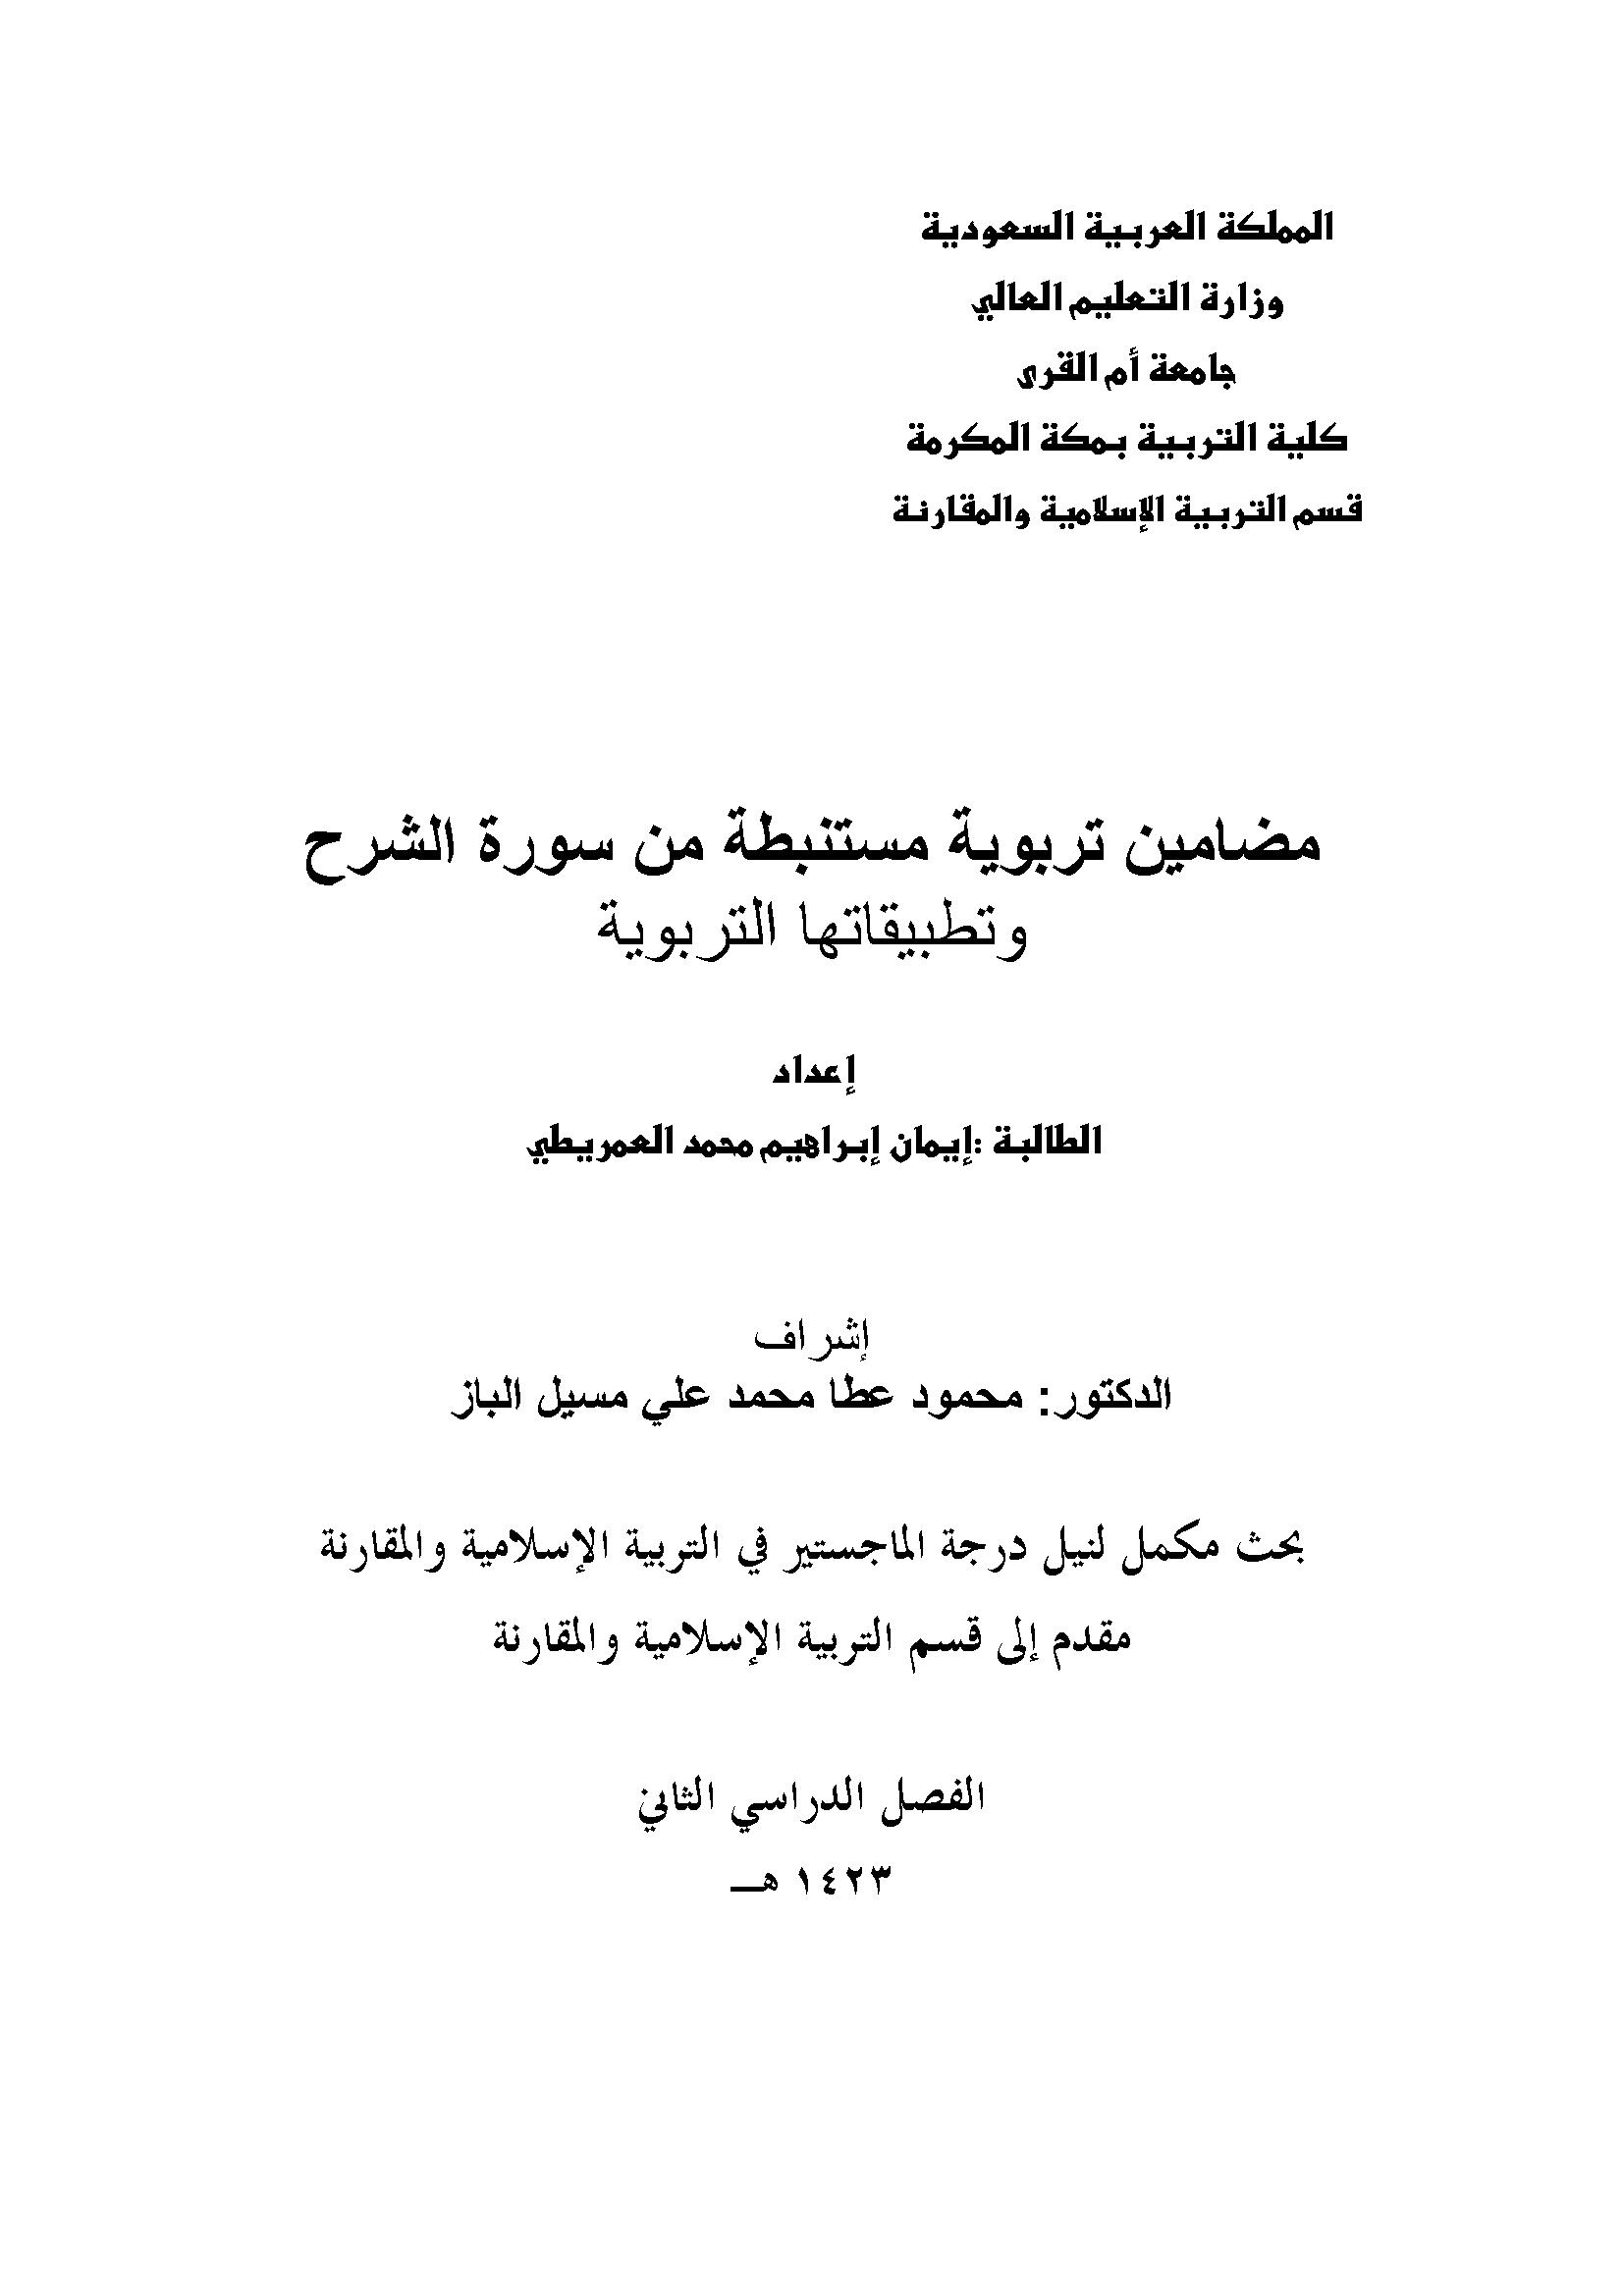 تحميل كتاب مضامين تربوية مستنبطة من سورة الشرح وتطبيقاتها التربوية لـِ: إيمان إبراهيم محمد العمريطي